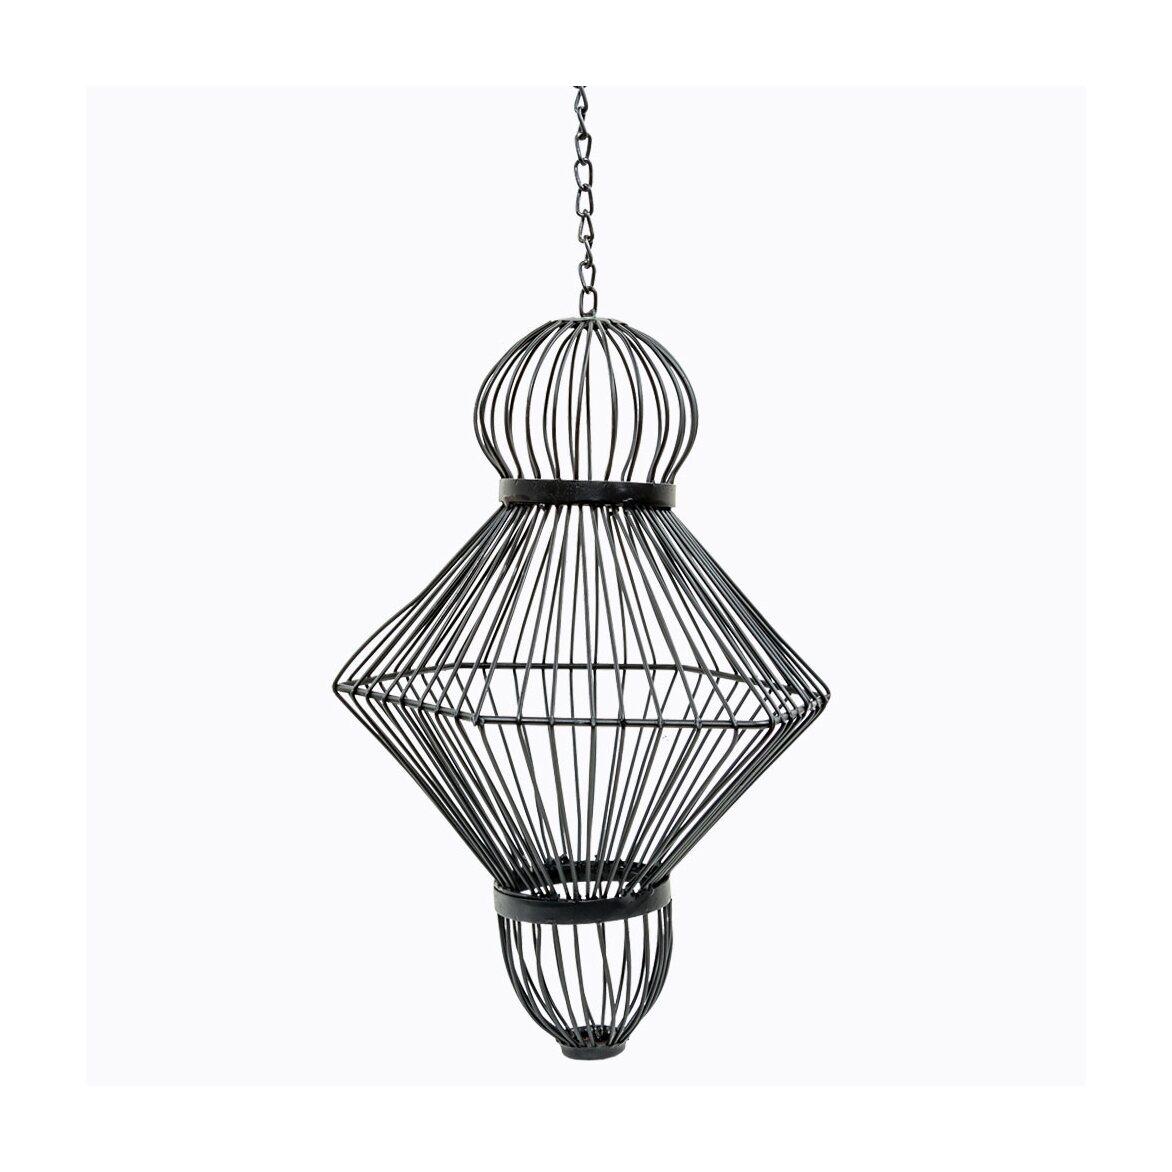 Декоративный подвесной элемент «Фонарь №1» | Декор Kingsby